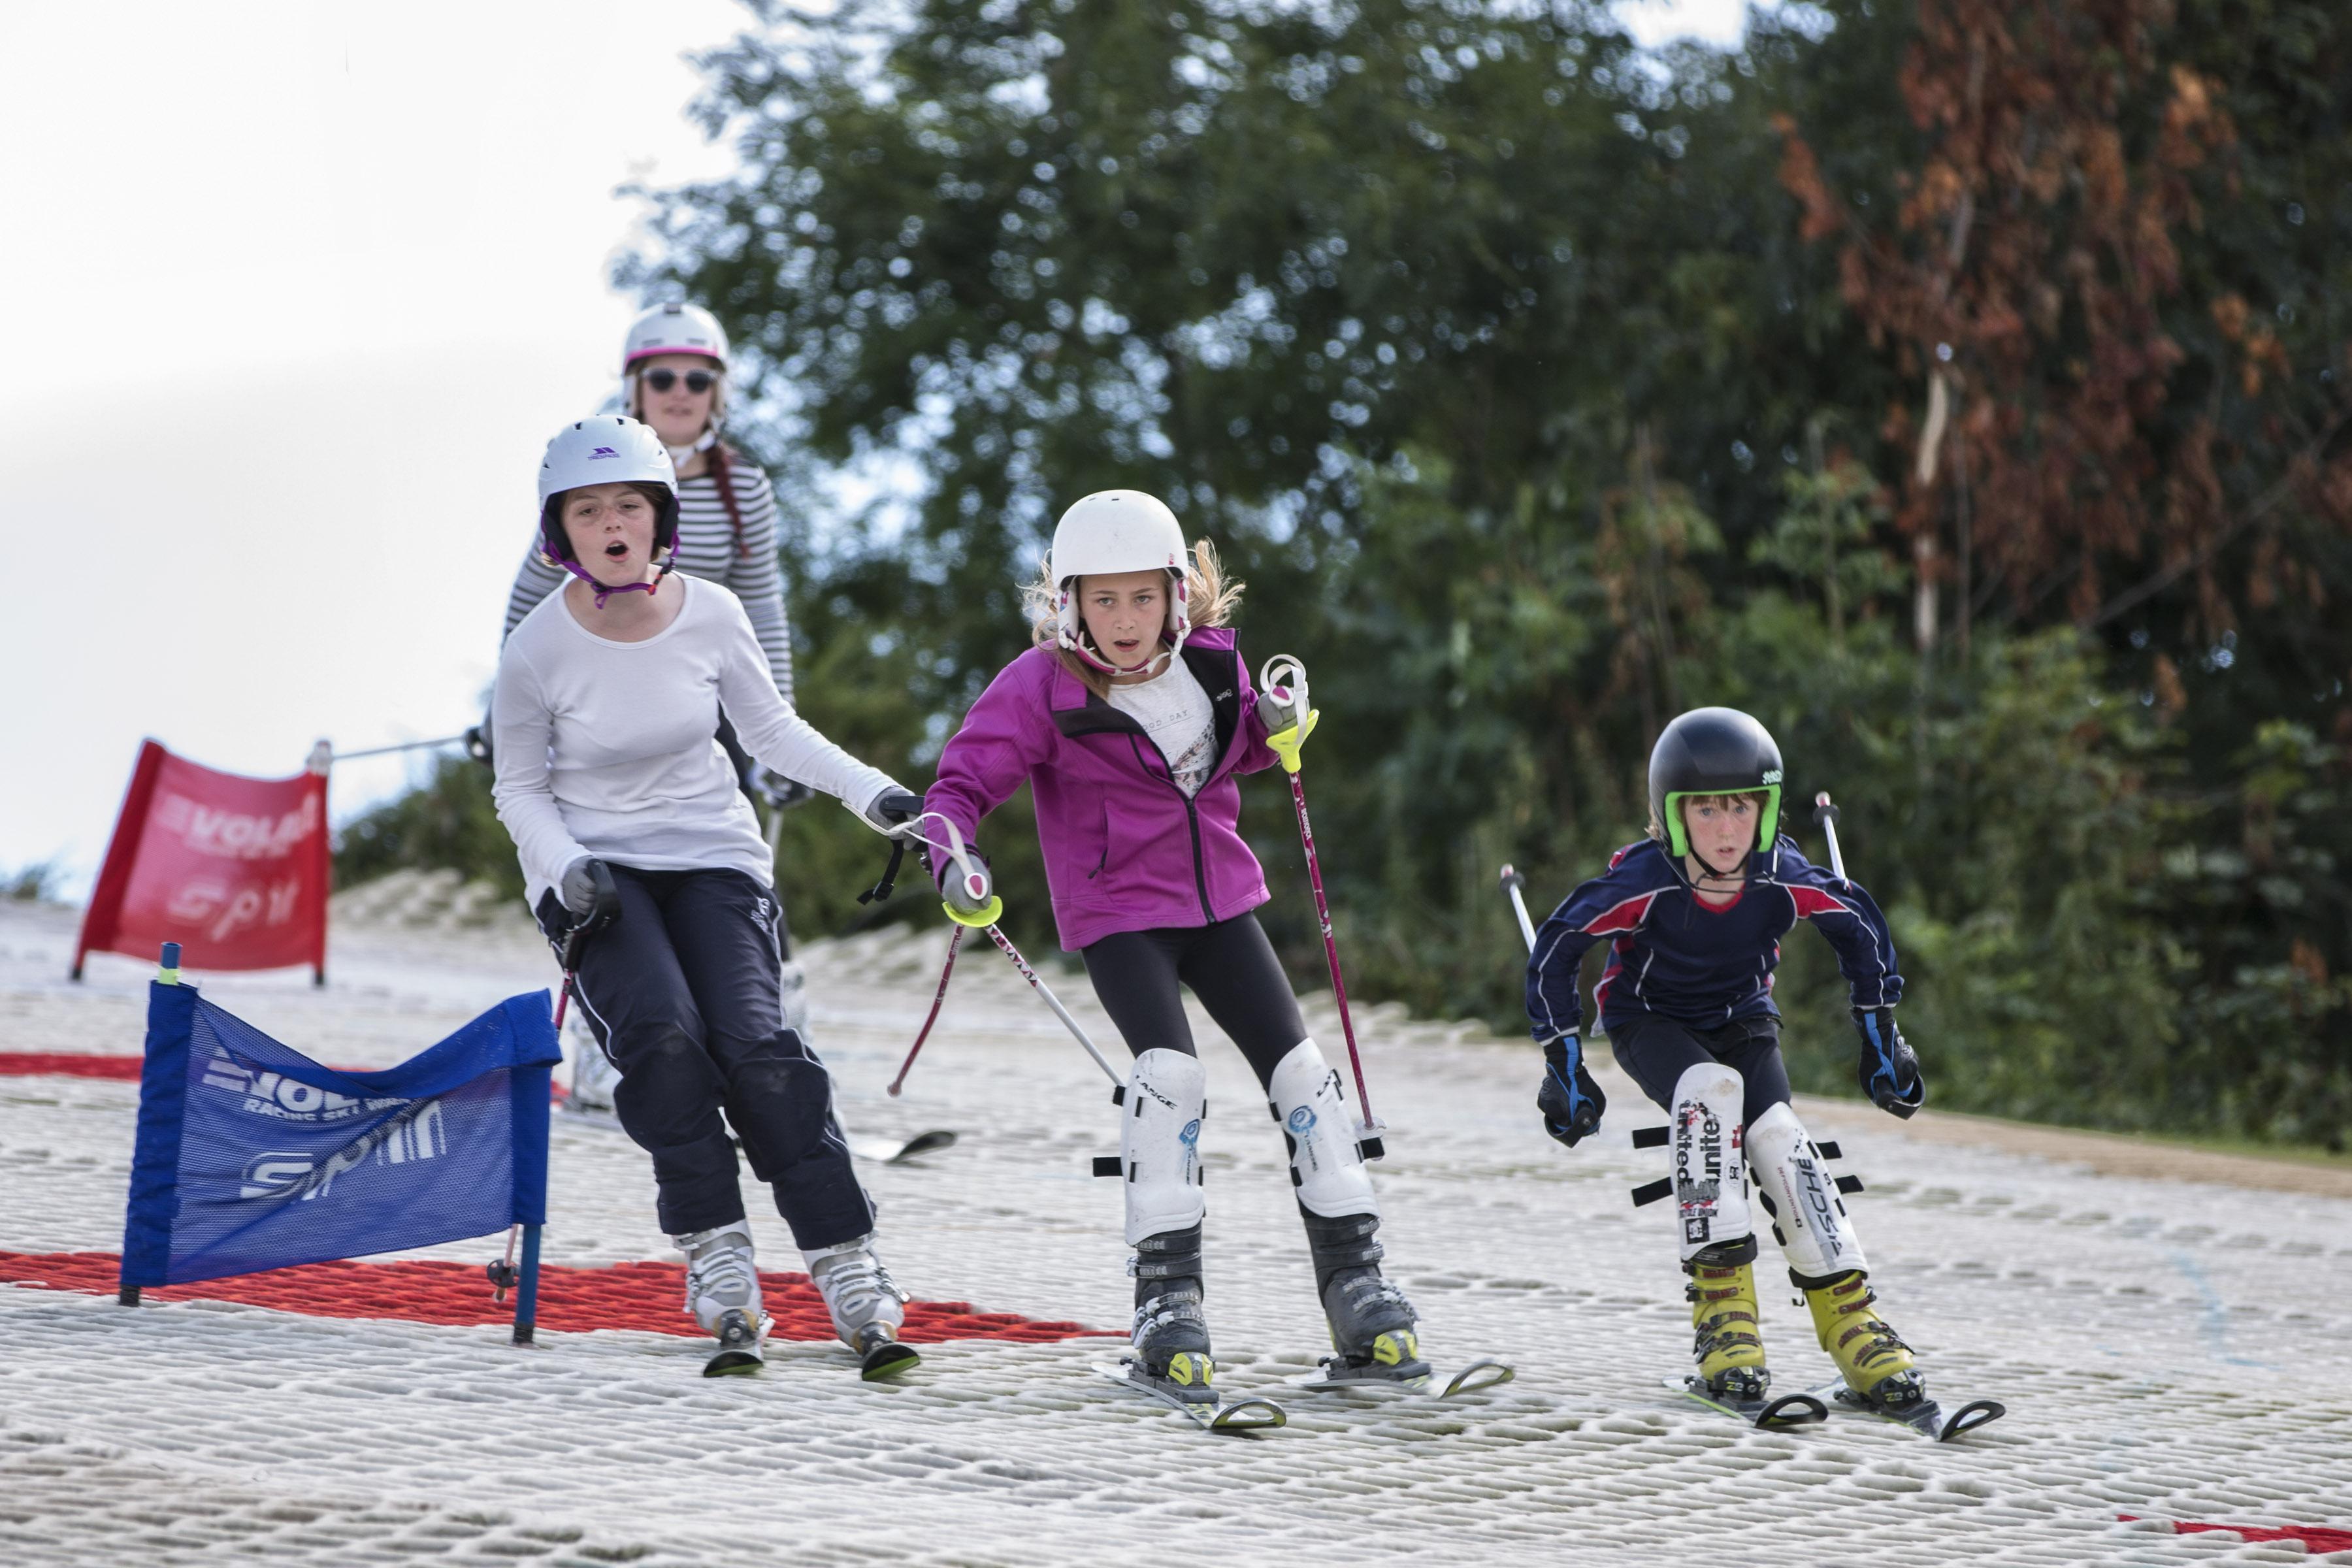 3 x skiers